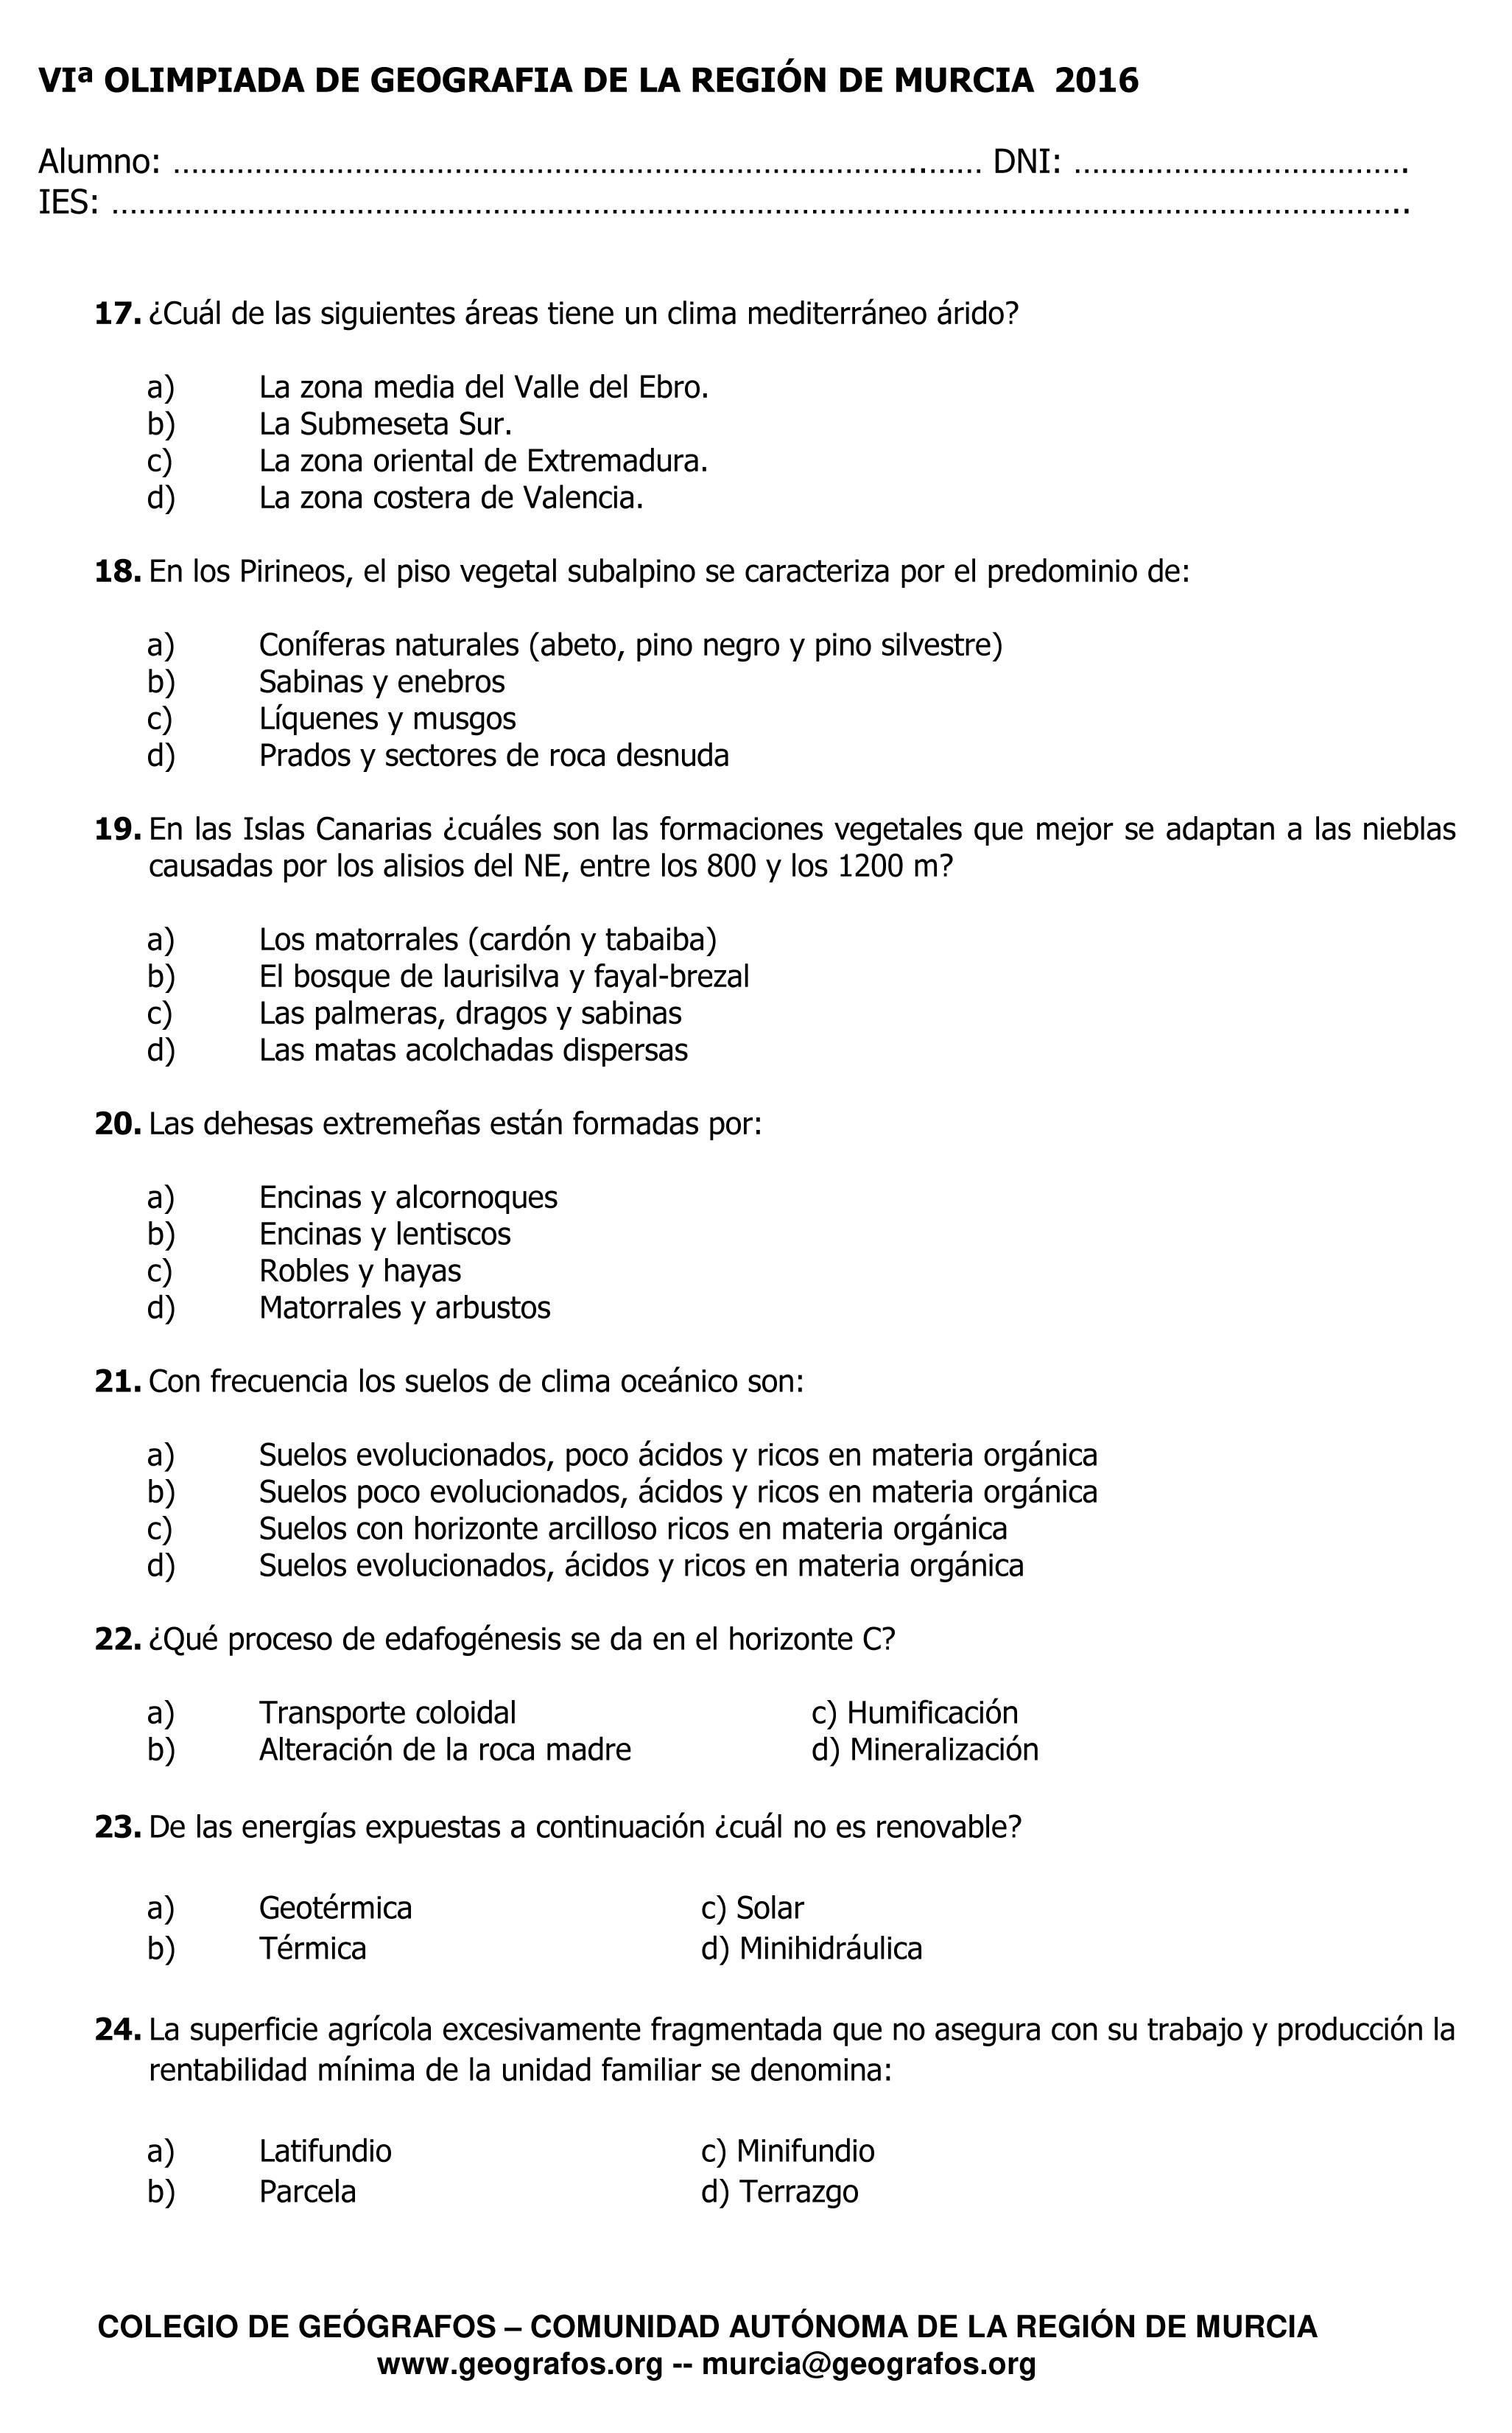 Cuestiones de la VI Olimpiada de Geografía Región de Murcia 2016 - 3